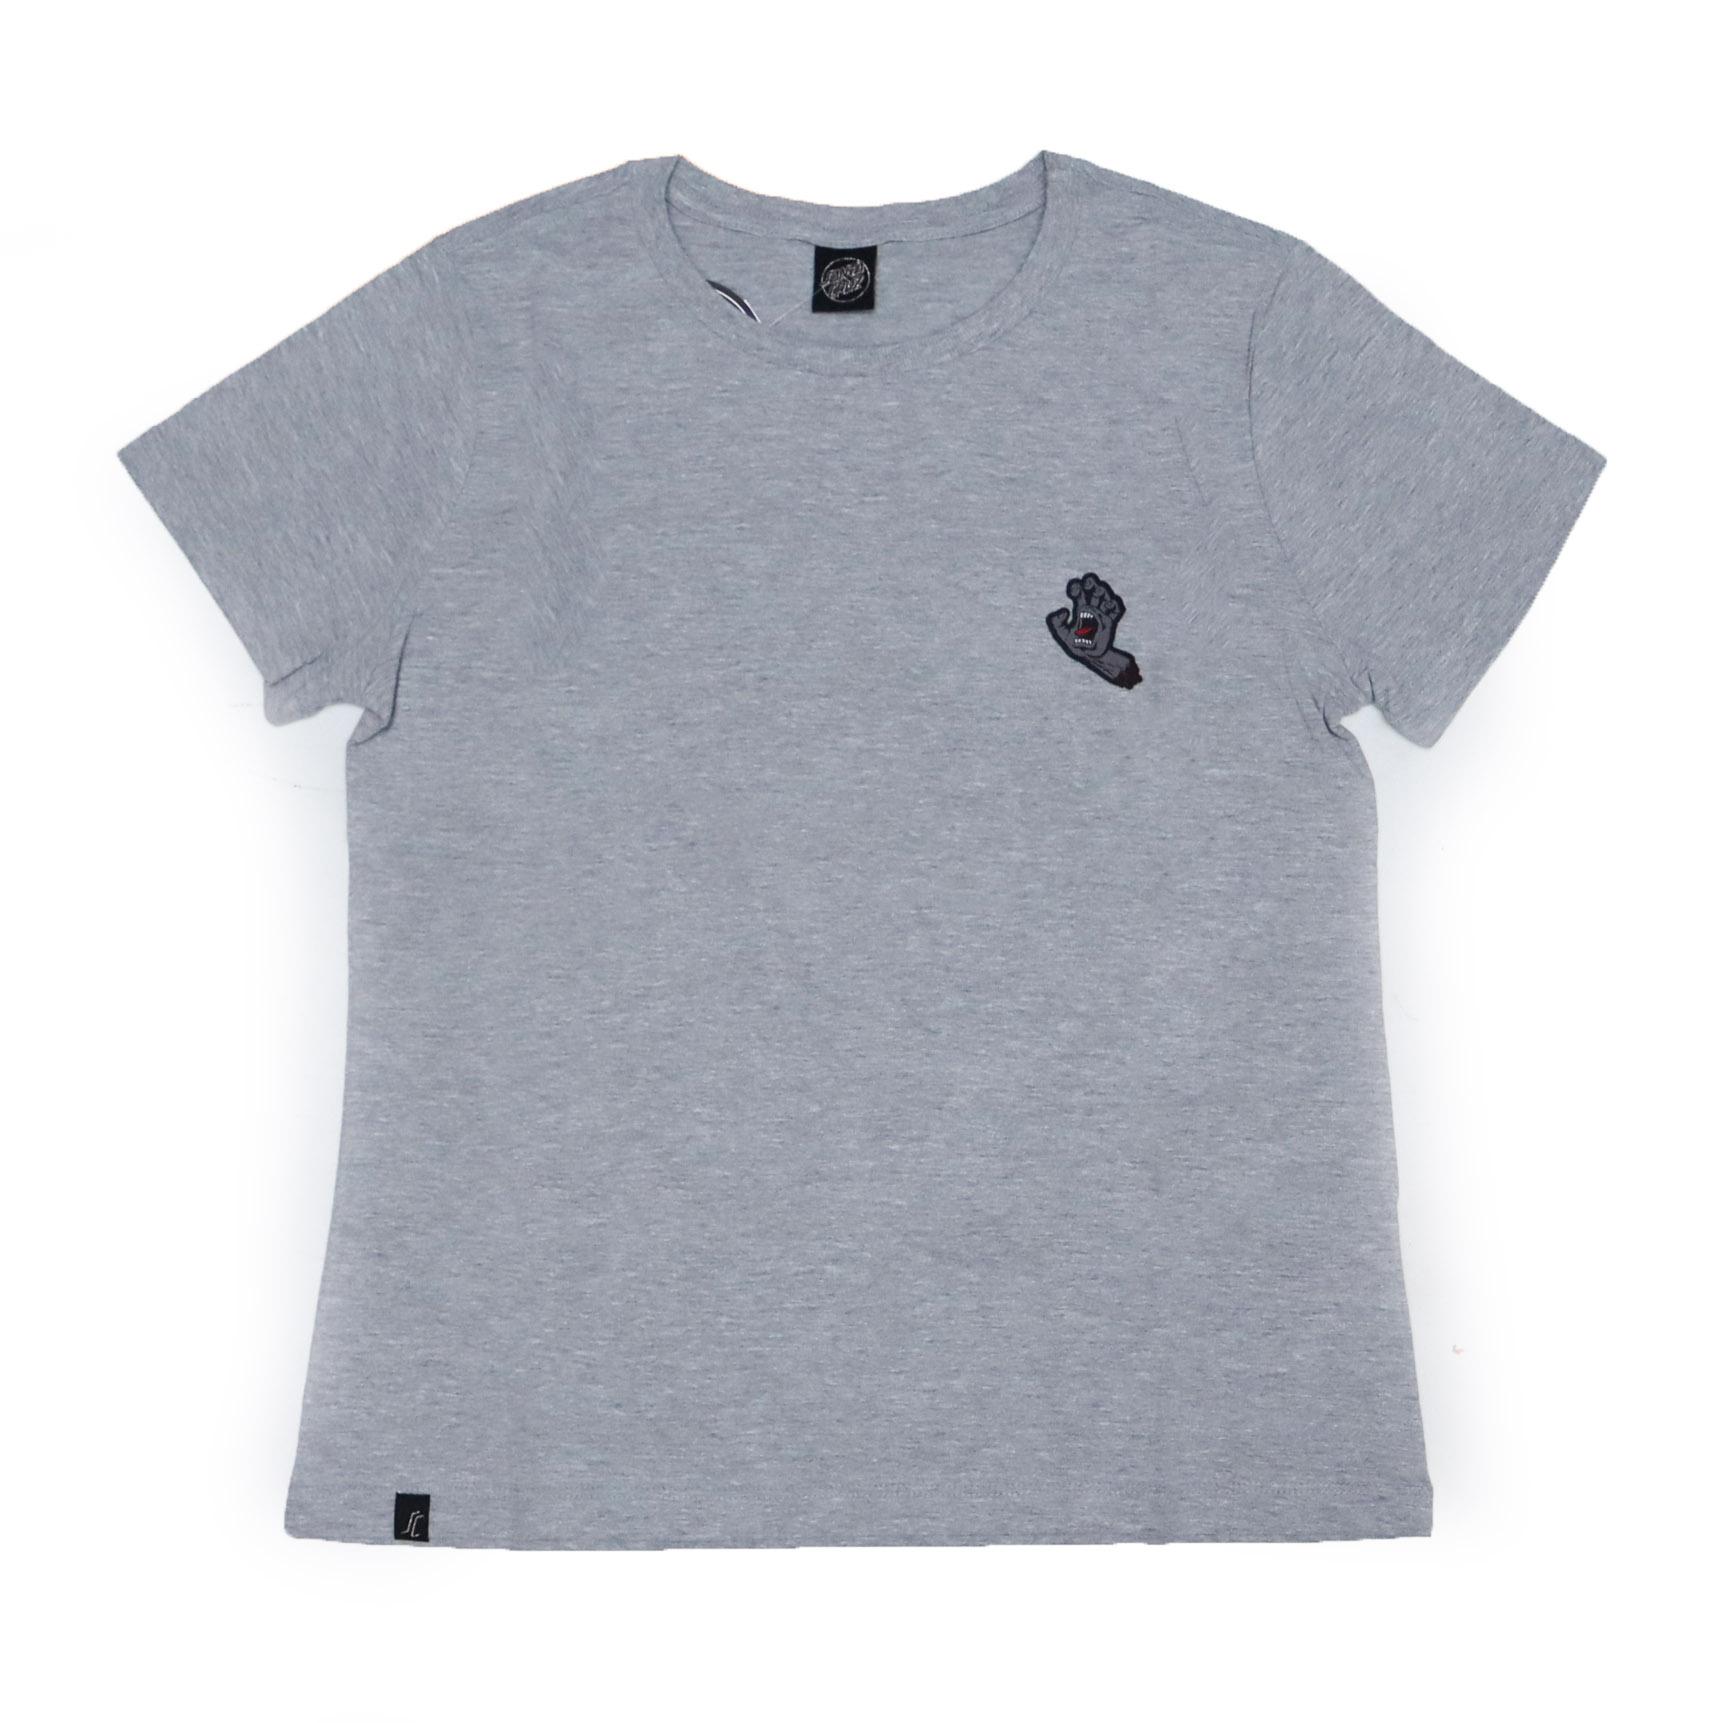 Camiseta Feminina Santa Cruz Hand Chest - Cinza Mescla/Cinza